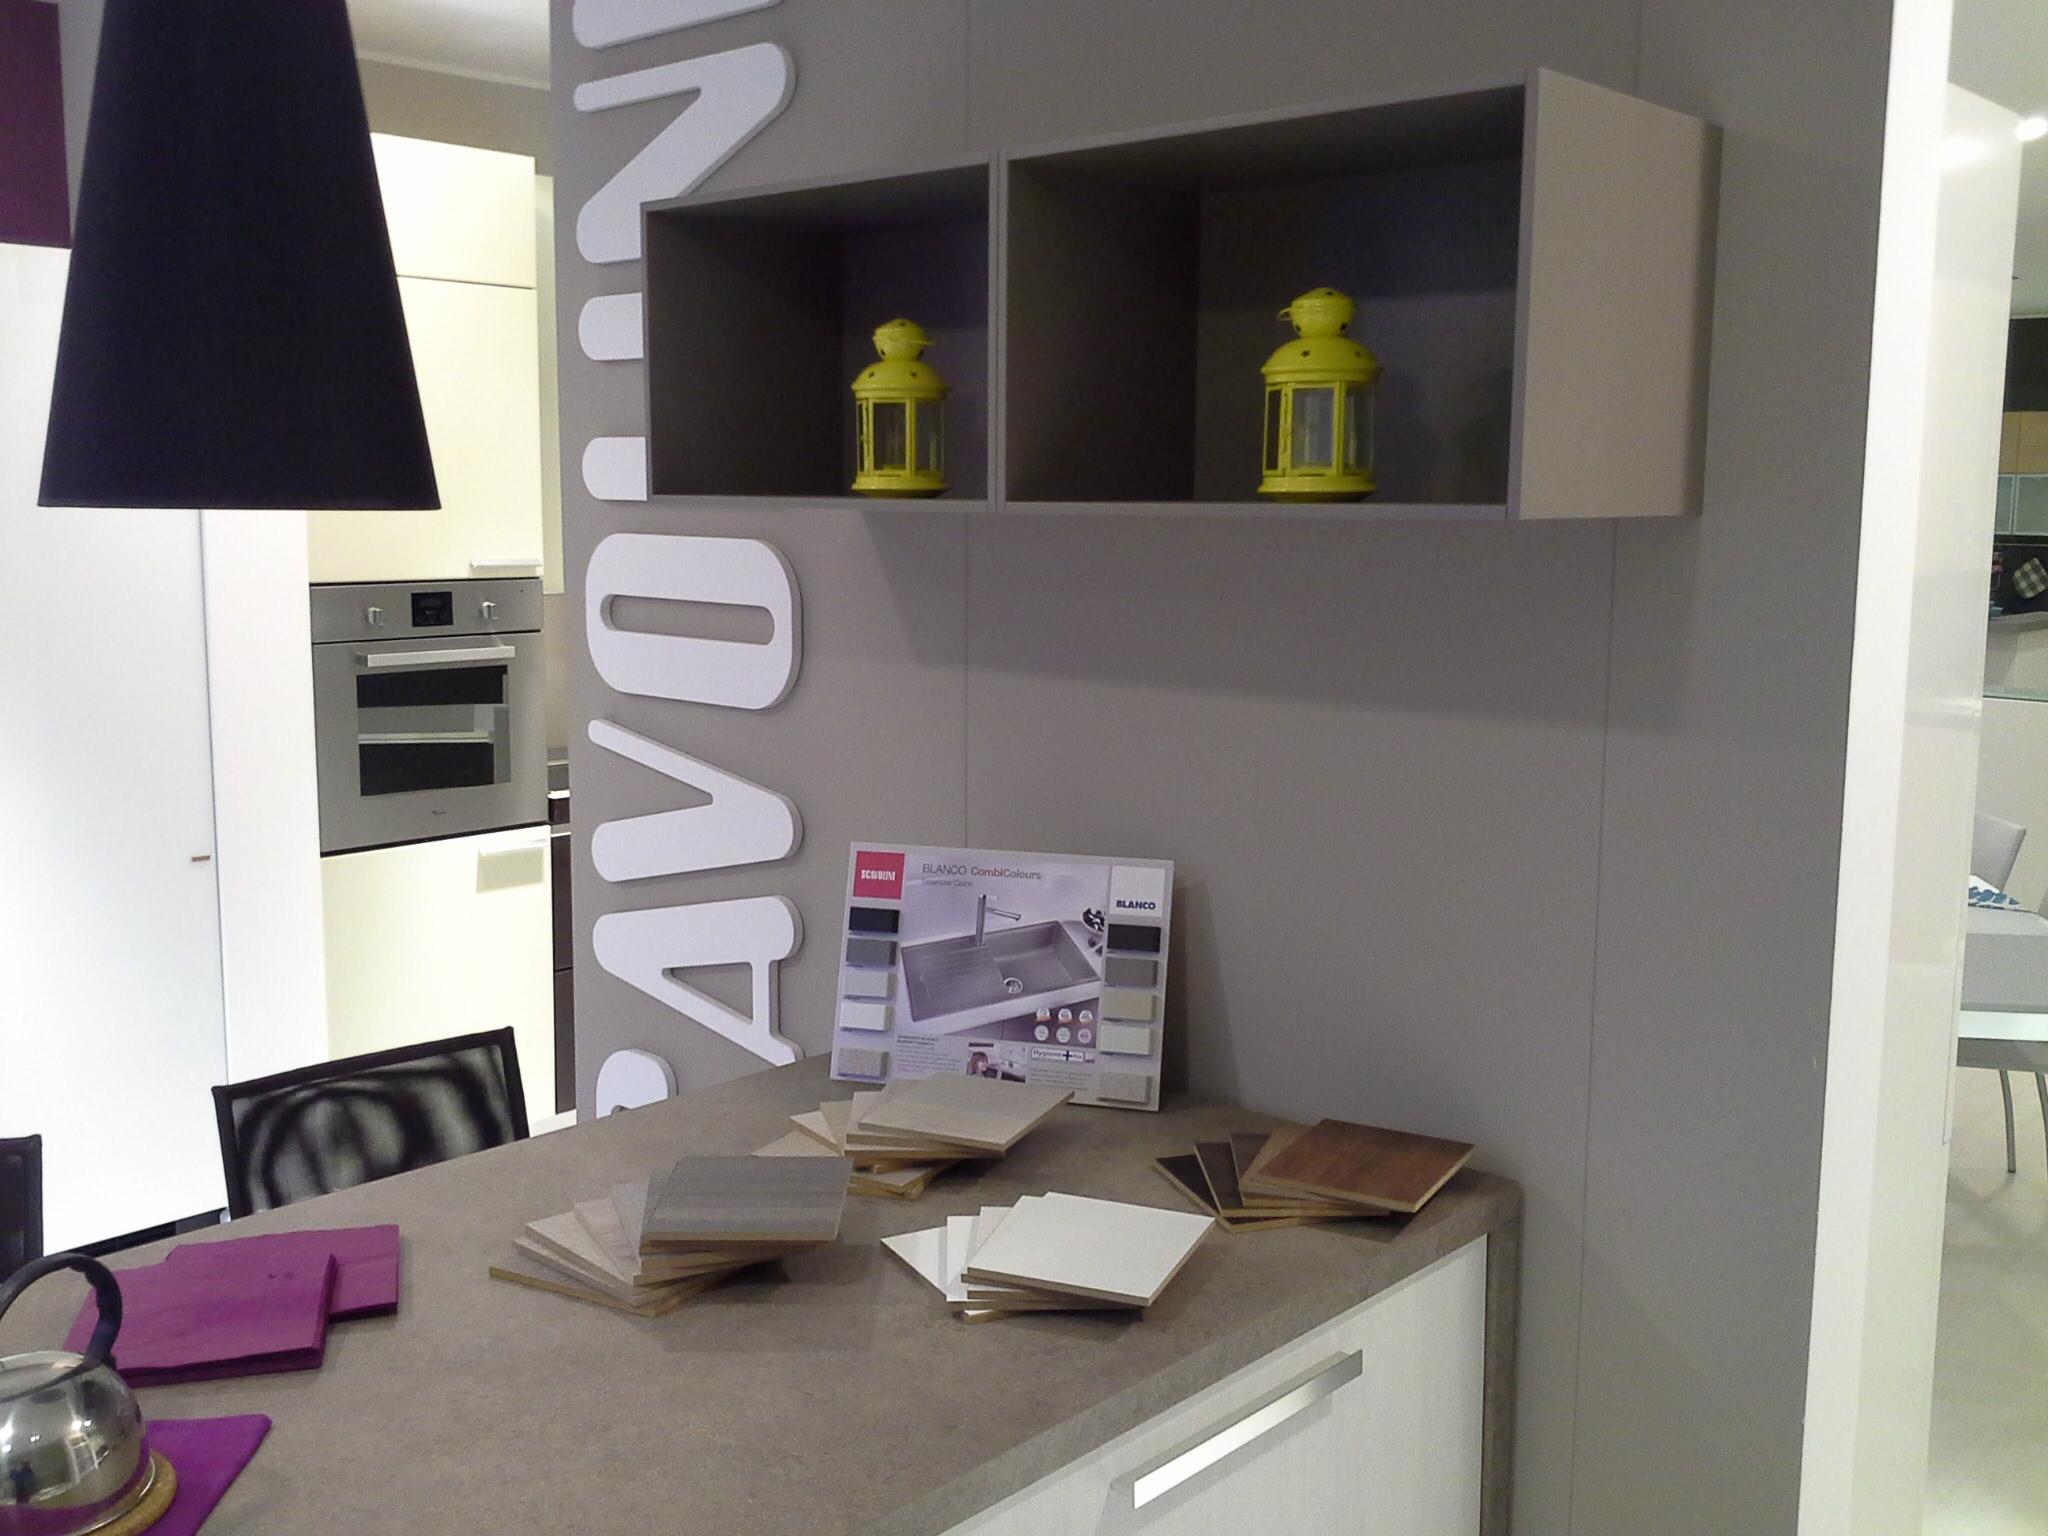 Cappa Faber Prezzi ~ Idee Creative su Design Per La Casa e Interni